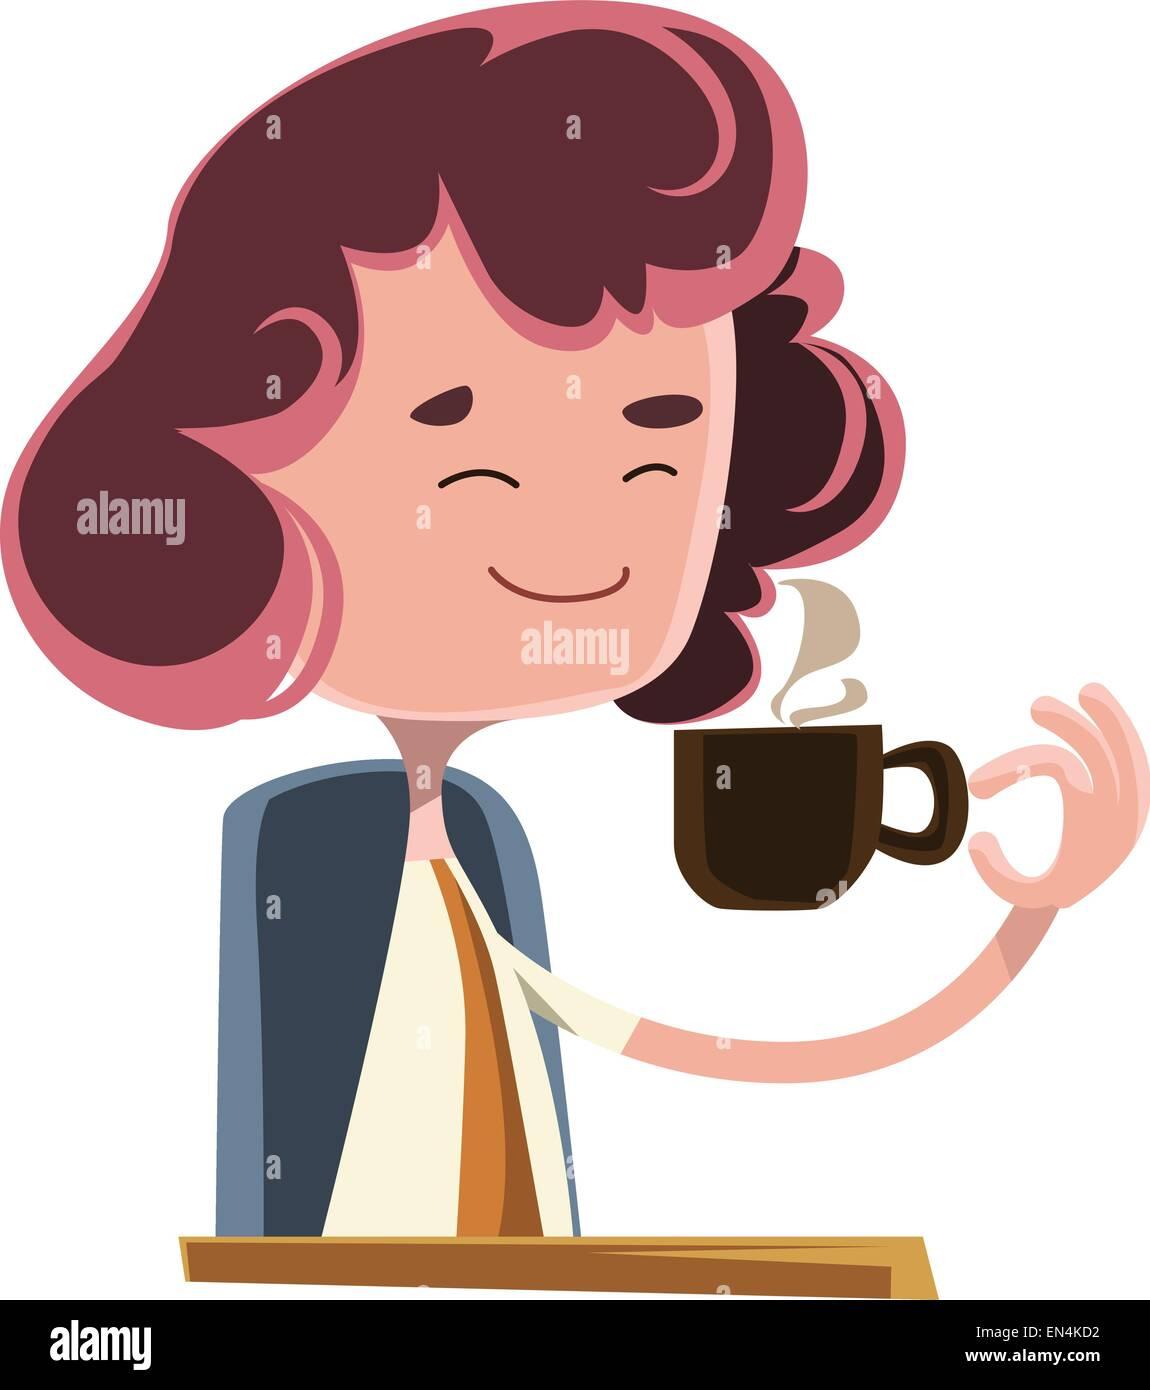 Las mujeres beber café ilustración vectorial de dibujos animados Imagen  Vector de stock - Alamy